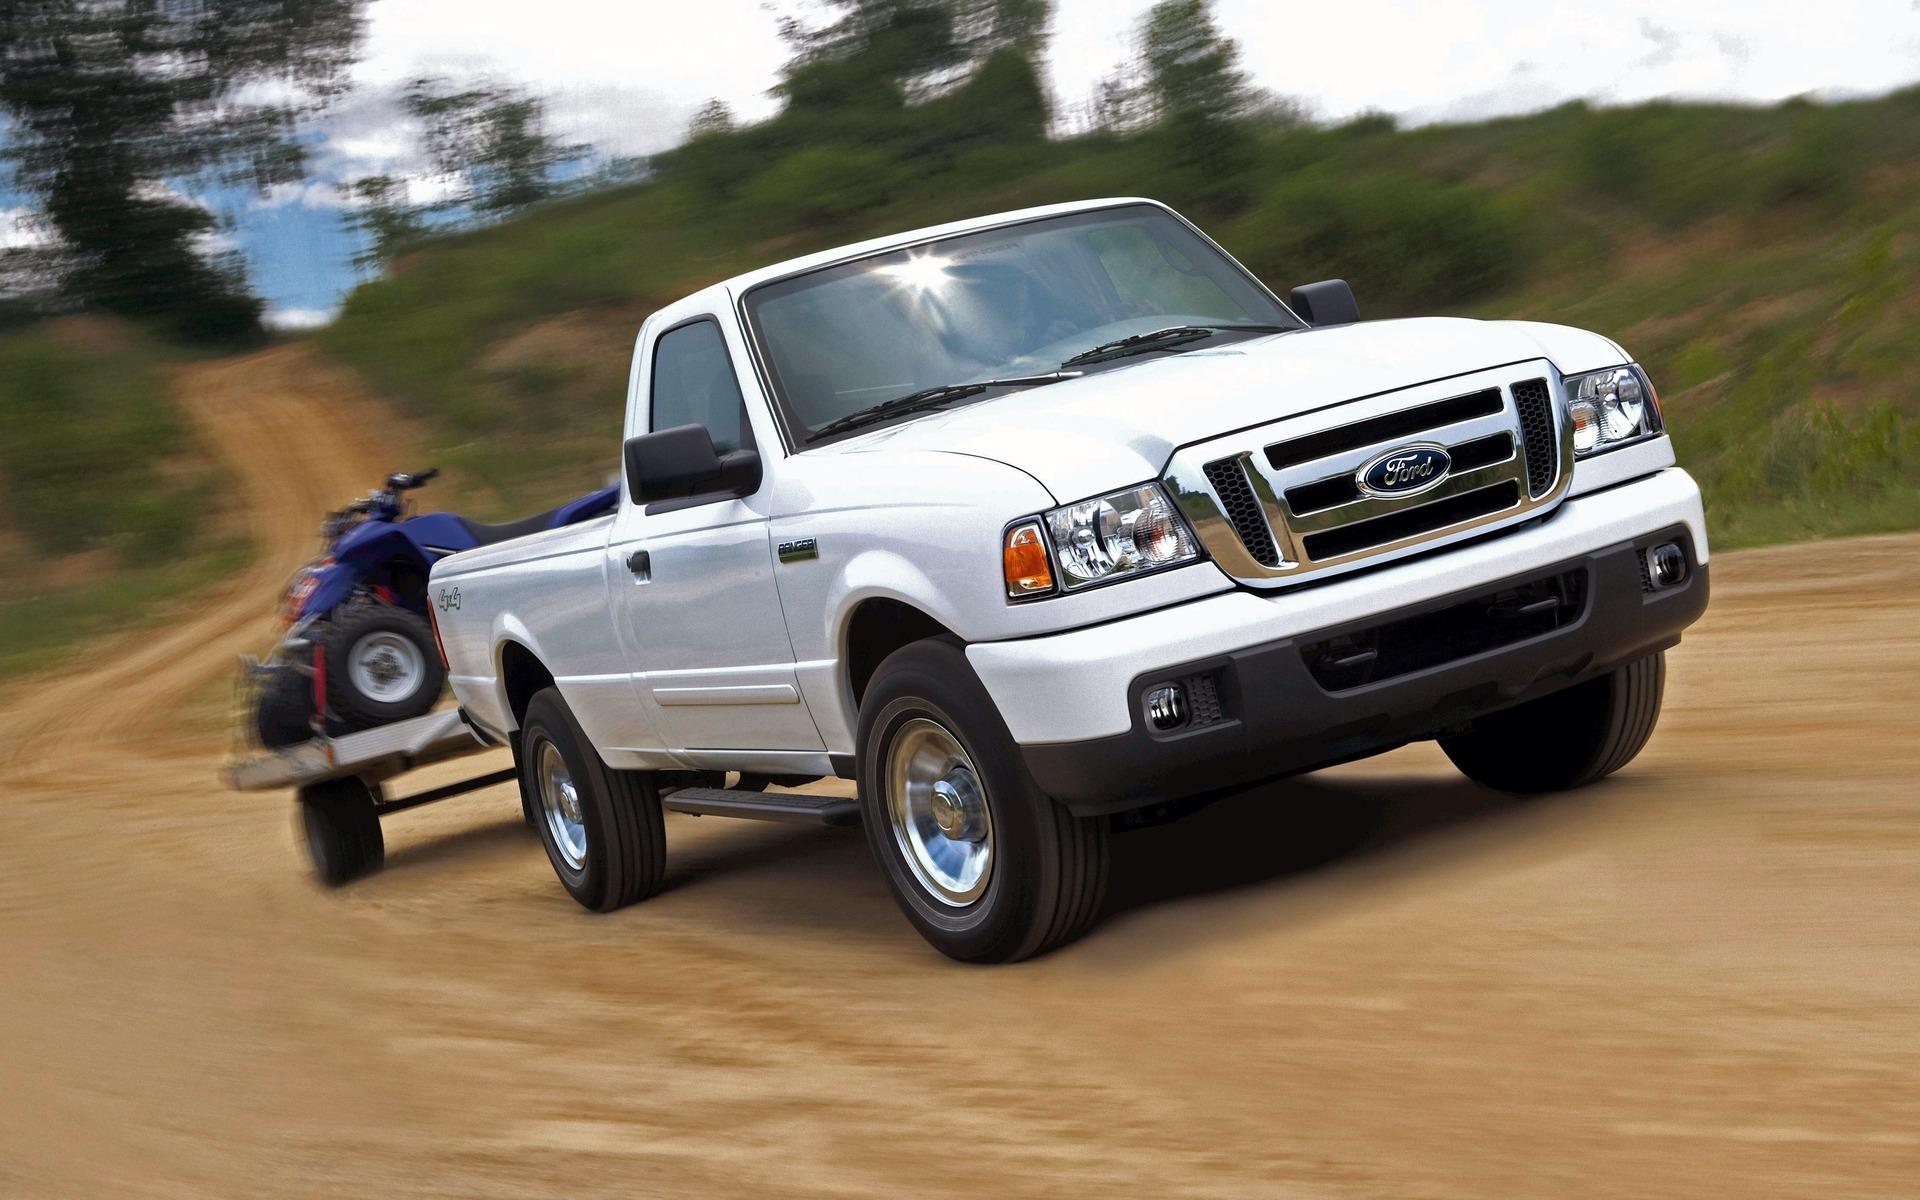 <p>Ford Ranger XLT 2008</p>